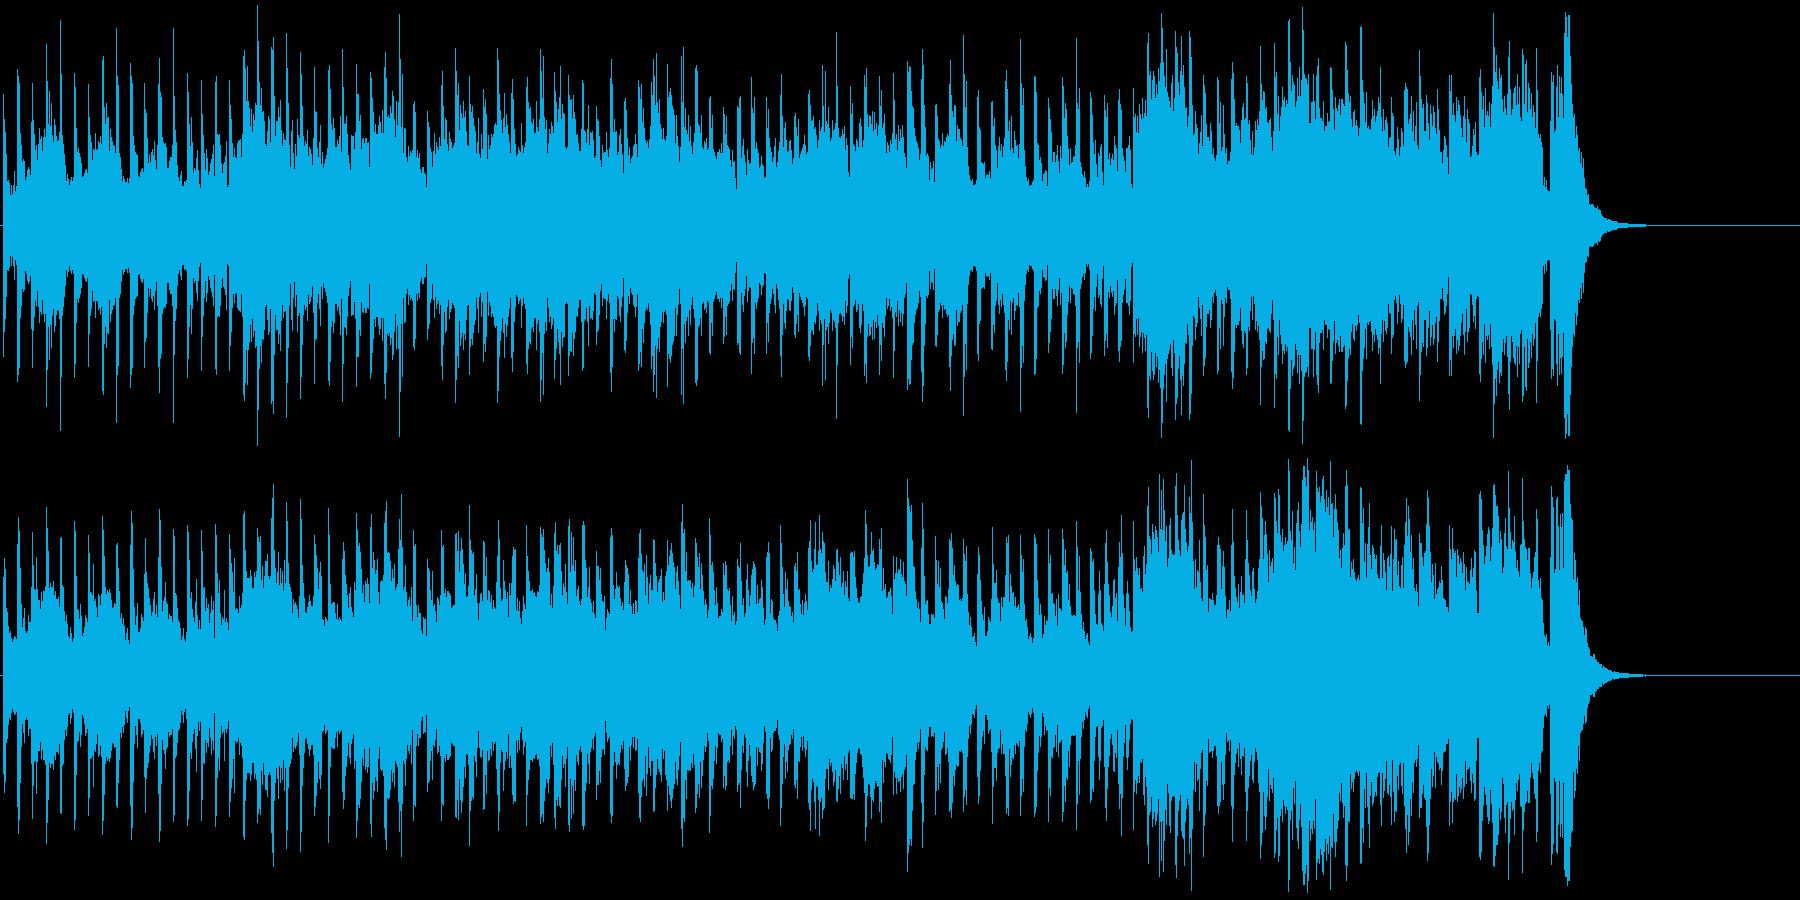 行進曲風の勇壮なオーケストラの再生済みの波形